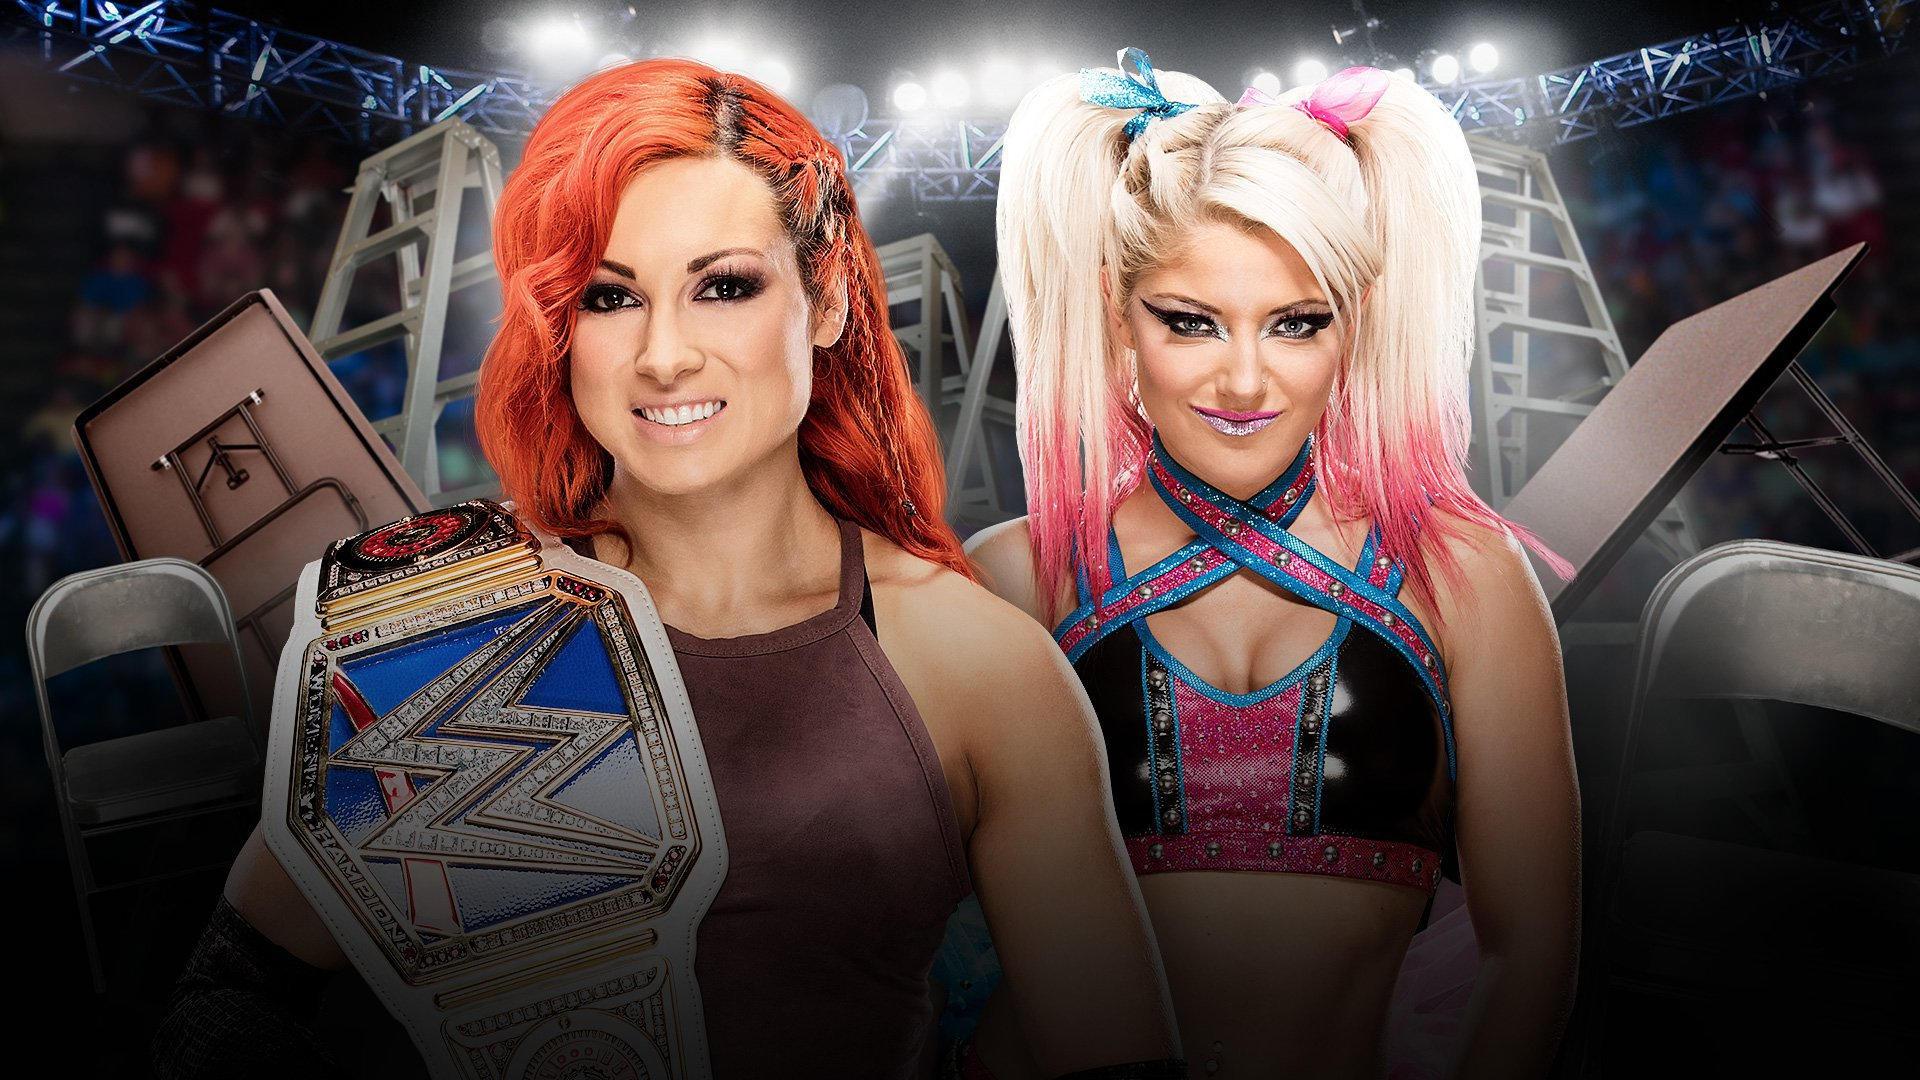 WWE TLC - DECEMBER 4 - DALLAS, TEXAS 20161122_TLC_Match_BeckyAlexa--ce6c21e8e8e56505c0b14acf2b5a8d04